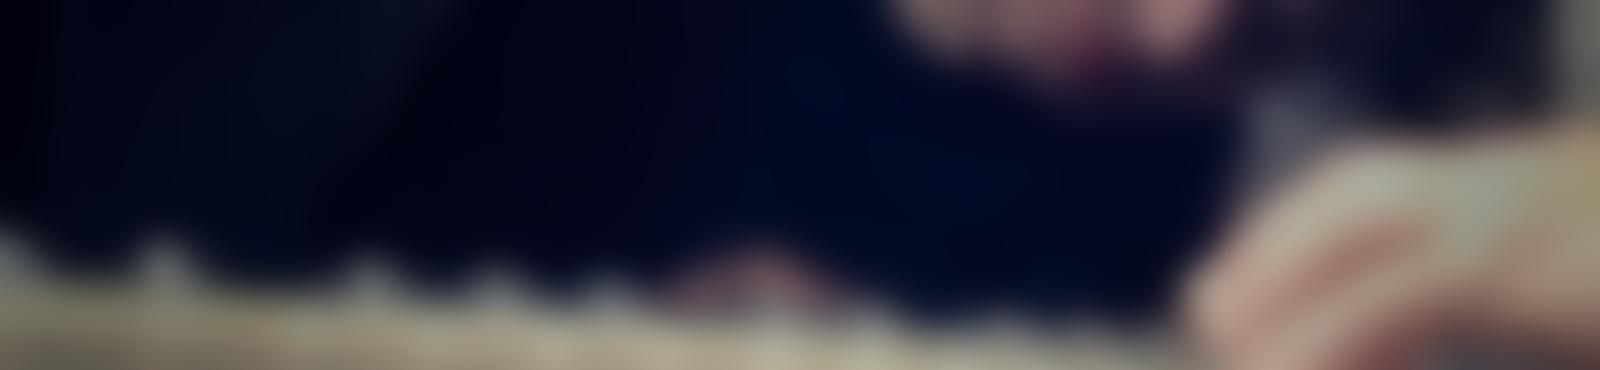 Blurred a74dd9c0 aa42 44f7 b9d1 3ddb1fdb4854